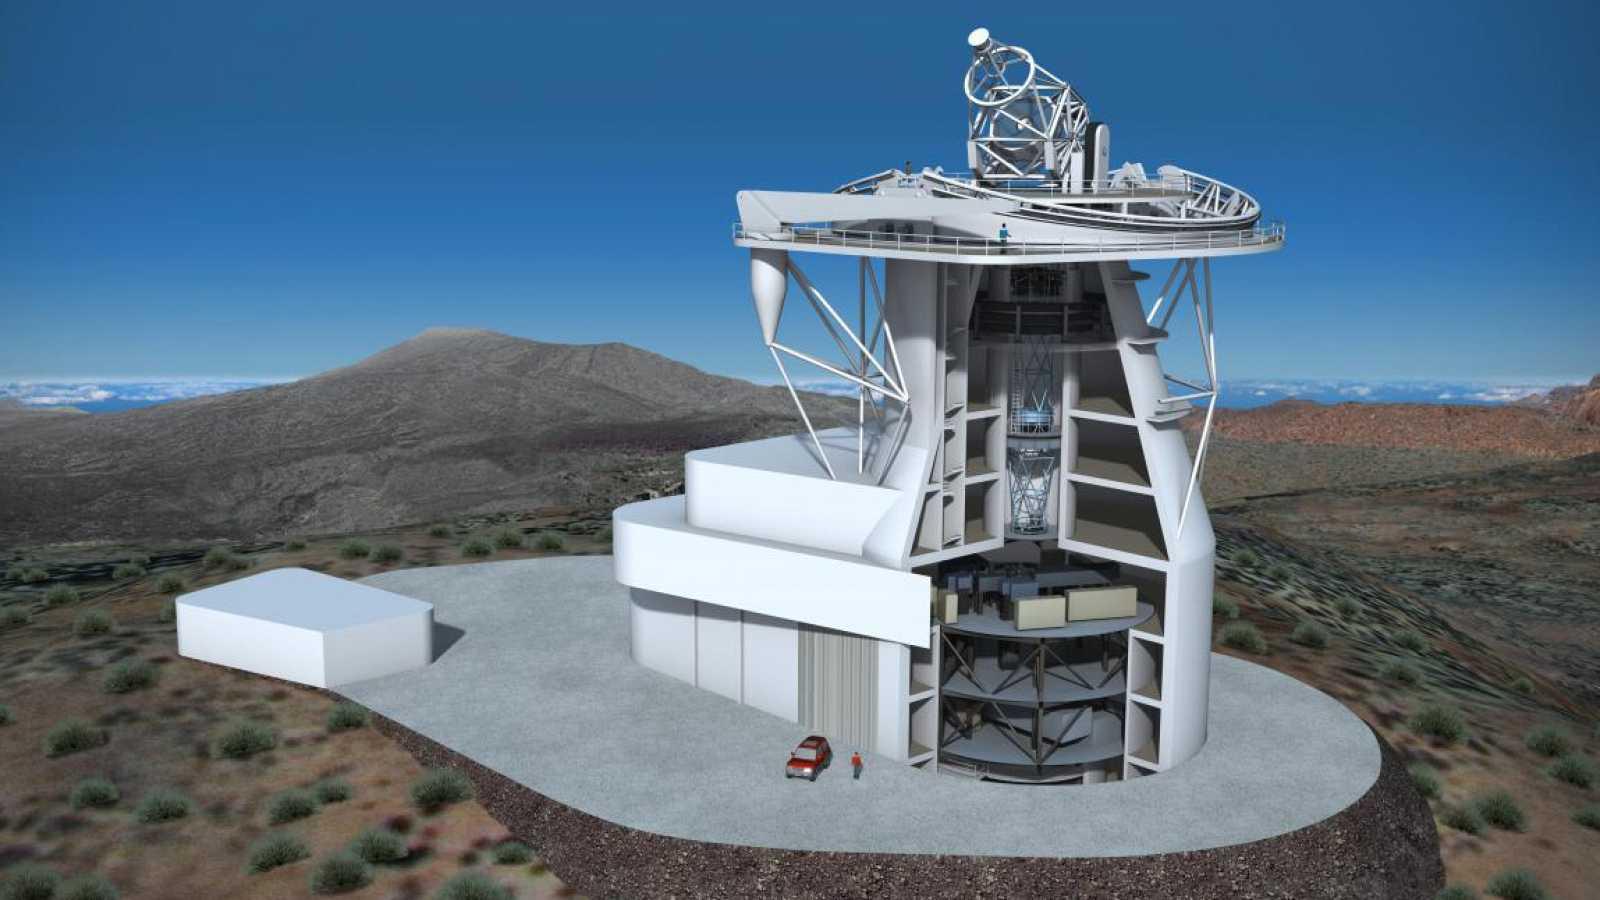 A golpe de bit - El gran telescopio solar europeo llevará tecnología española y se instalará en Canarias - 09/04/21 - escuchar ahora